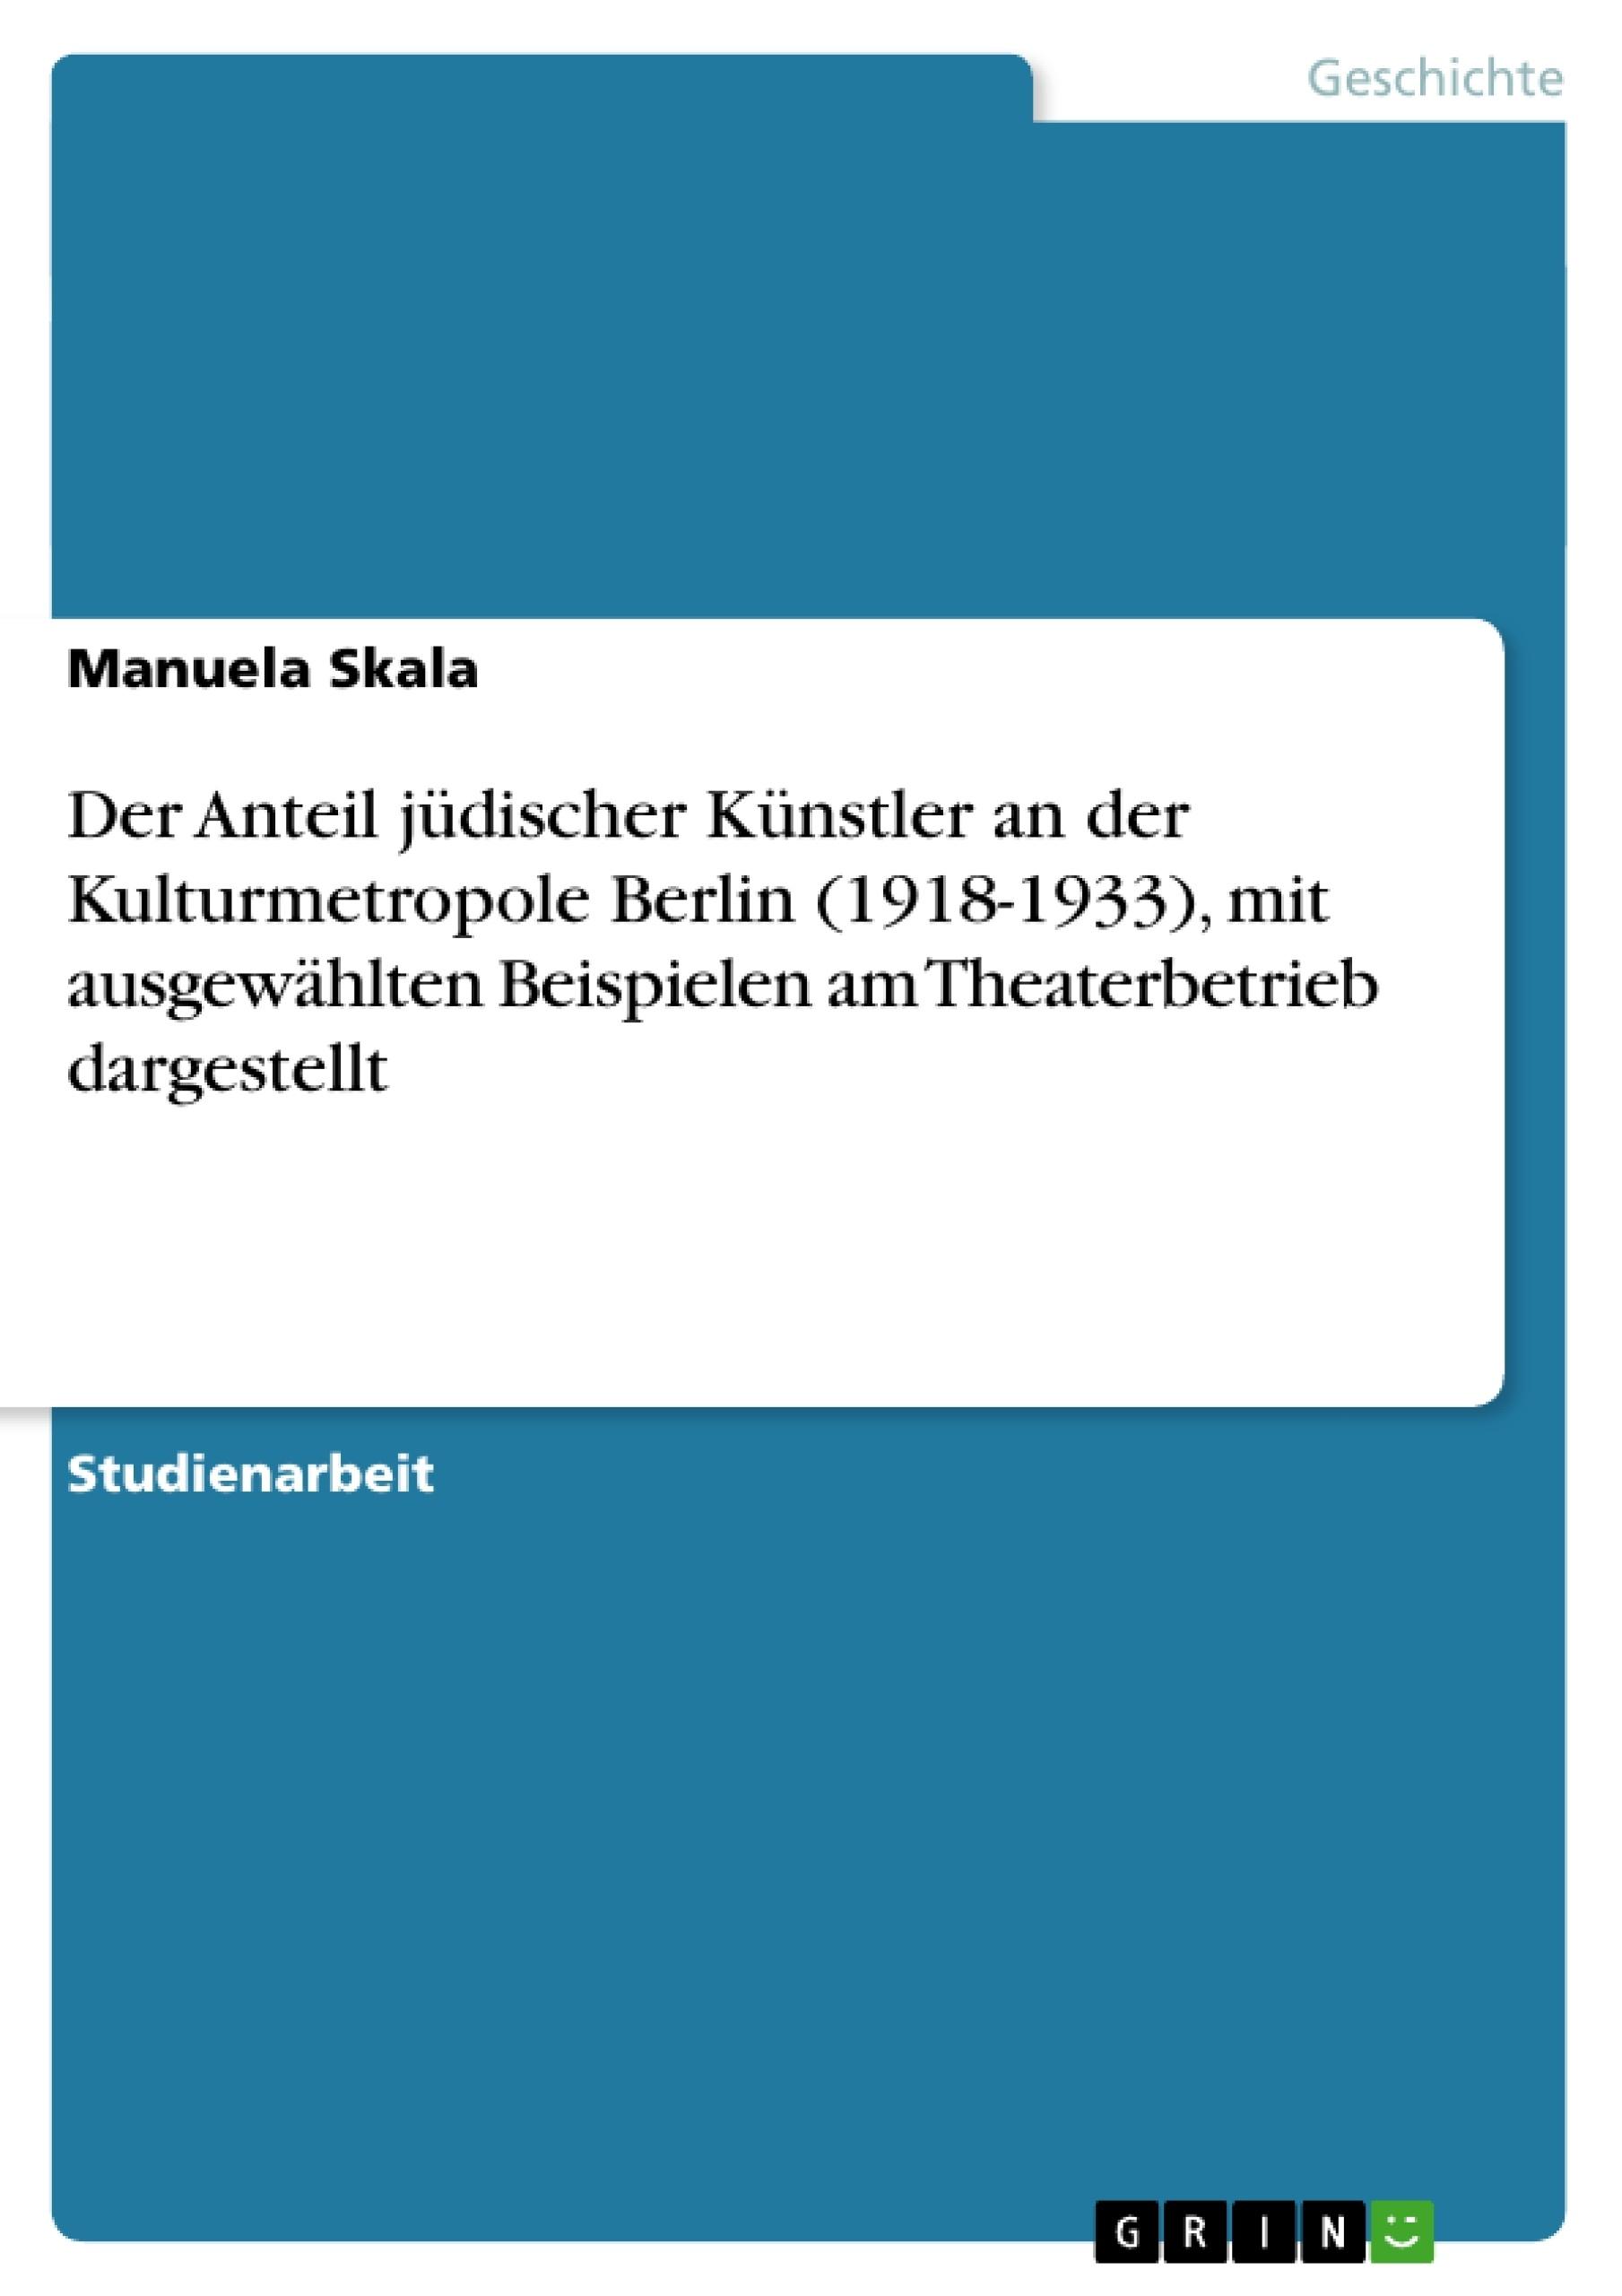 Titel: Der Anteil jüdischer Künstler an der Kulturmetropole Berlin (1918-1933), mit ausgewählten Beispielen am Theaterbetrieb dargestellt